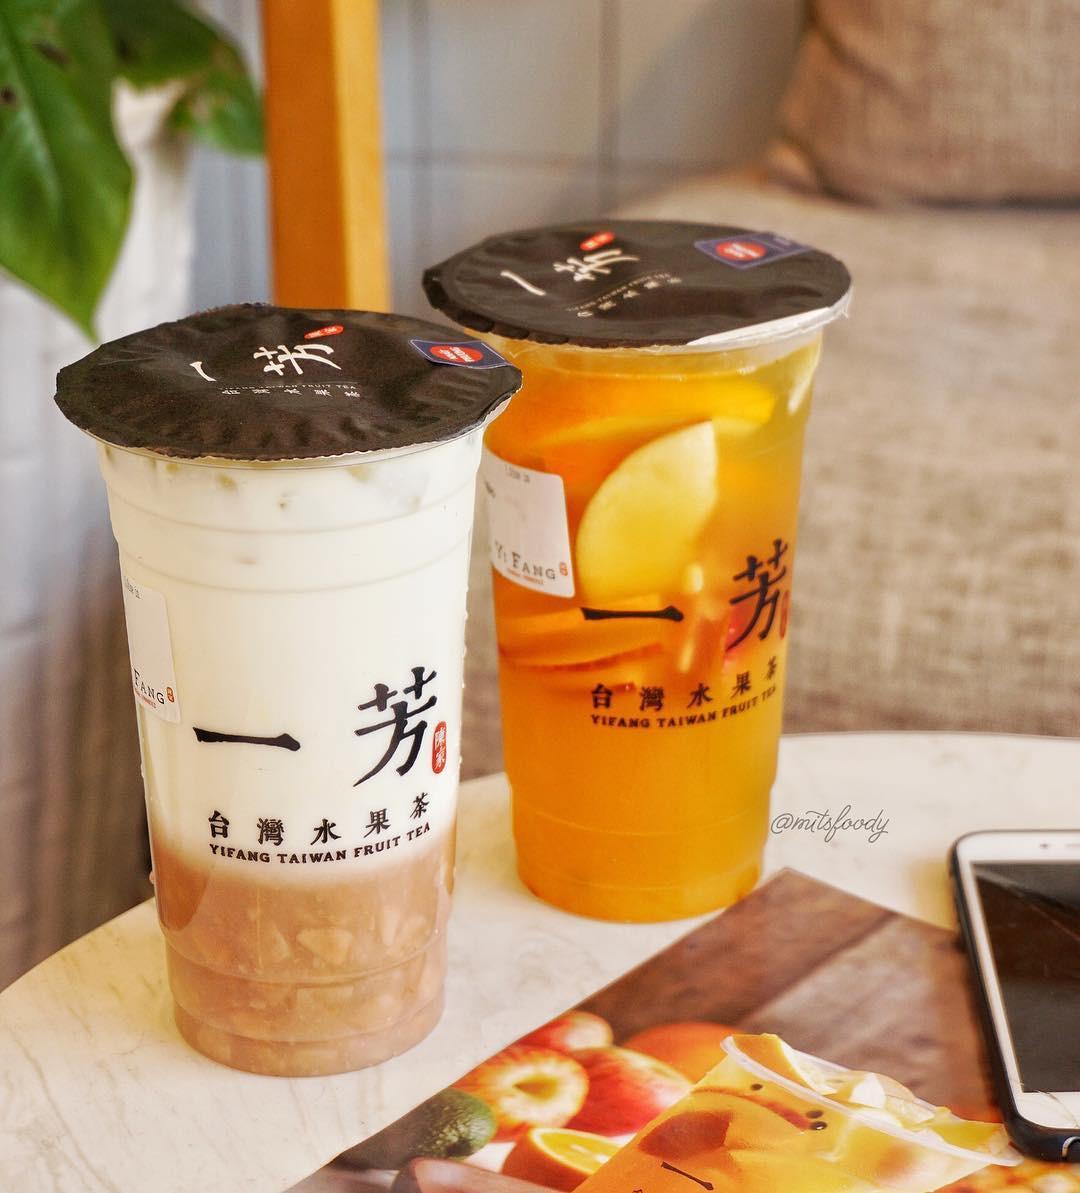 Điều gì khiến trà sữa, sữa tươi khoai môn Yifang gây sốt giới trẻ mấy ngày qua - Ảnh 6.